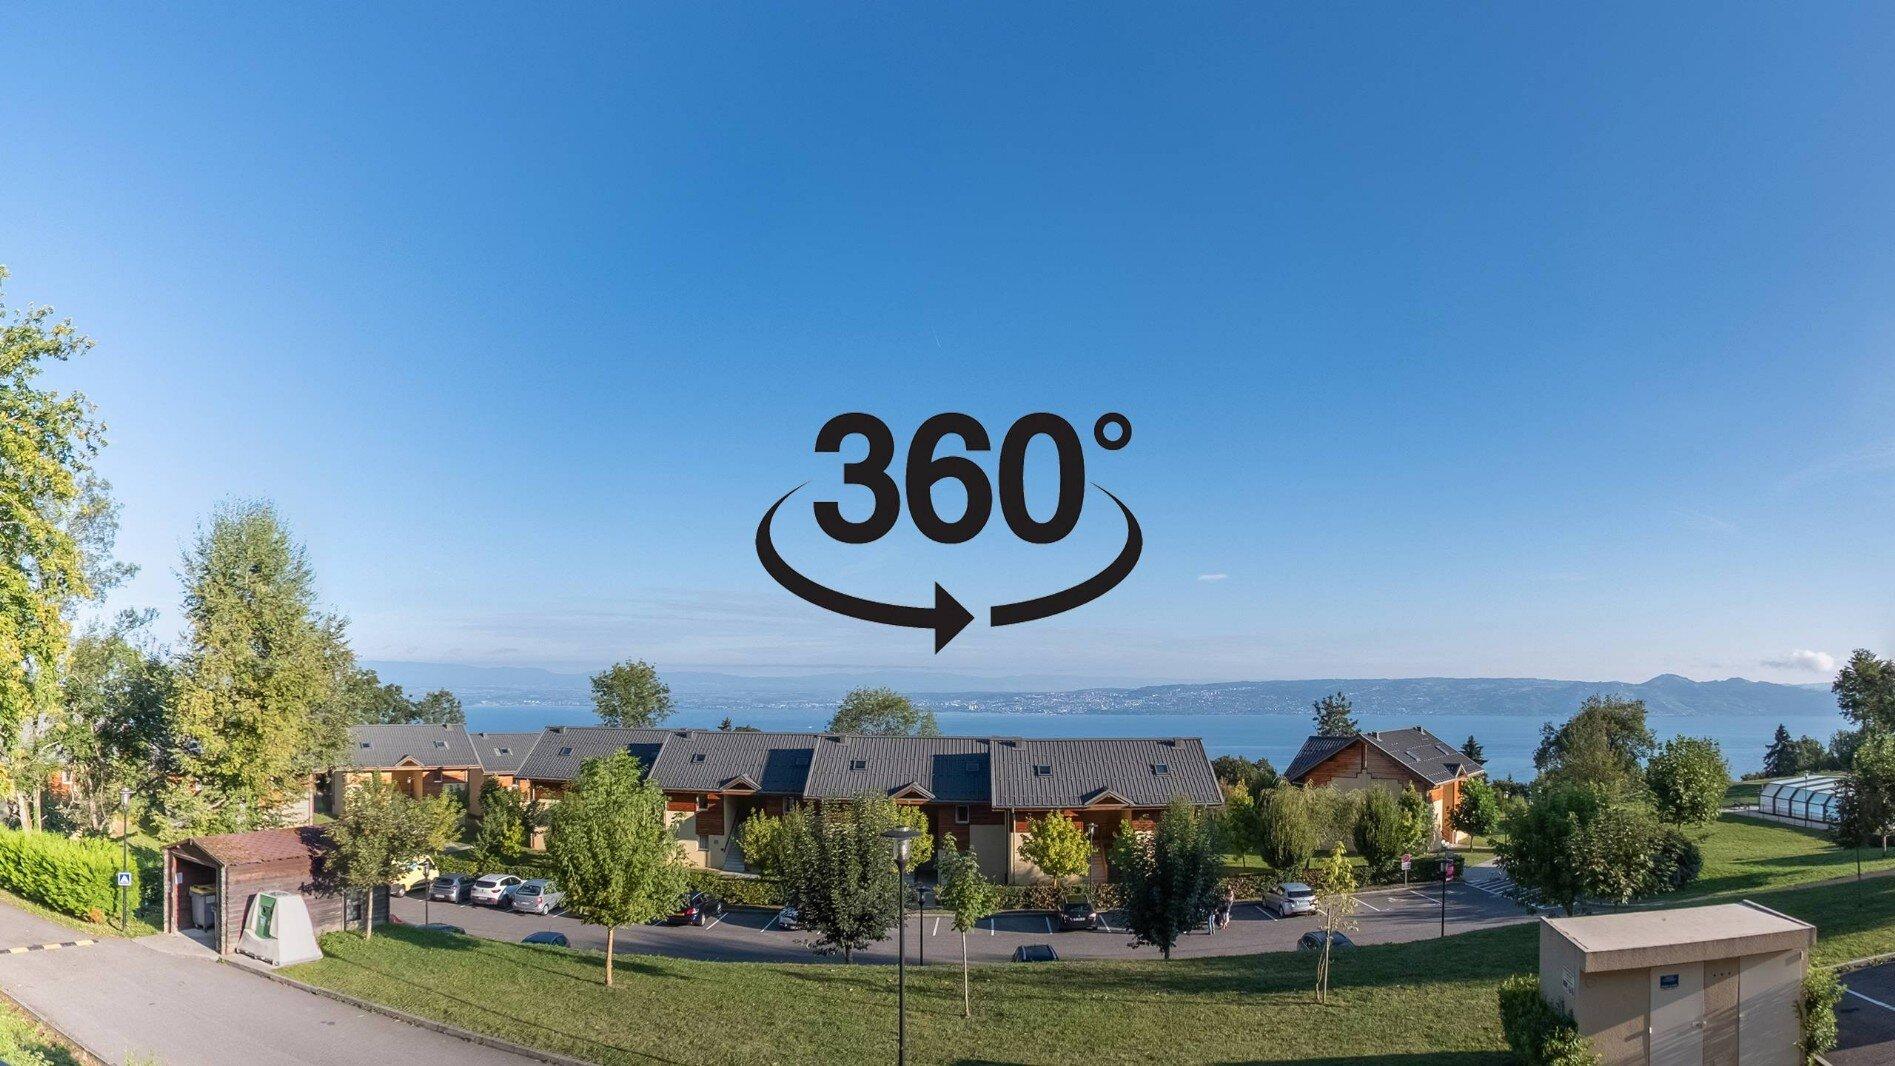 360 Virtual Tours - France, Monaco - ACPIMAGES